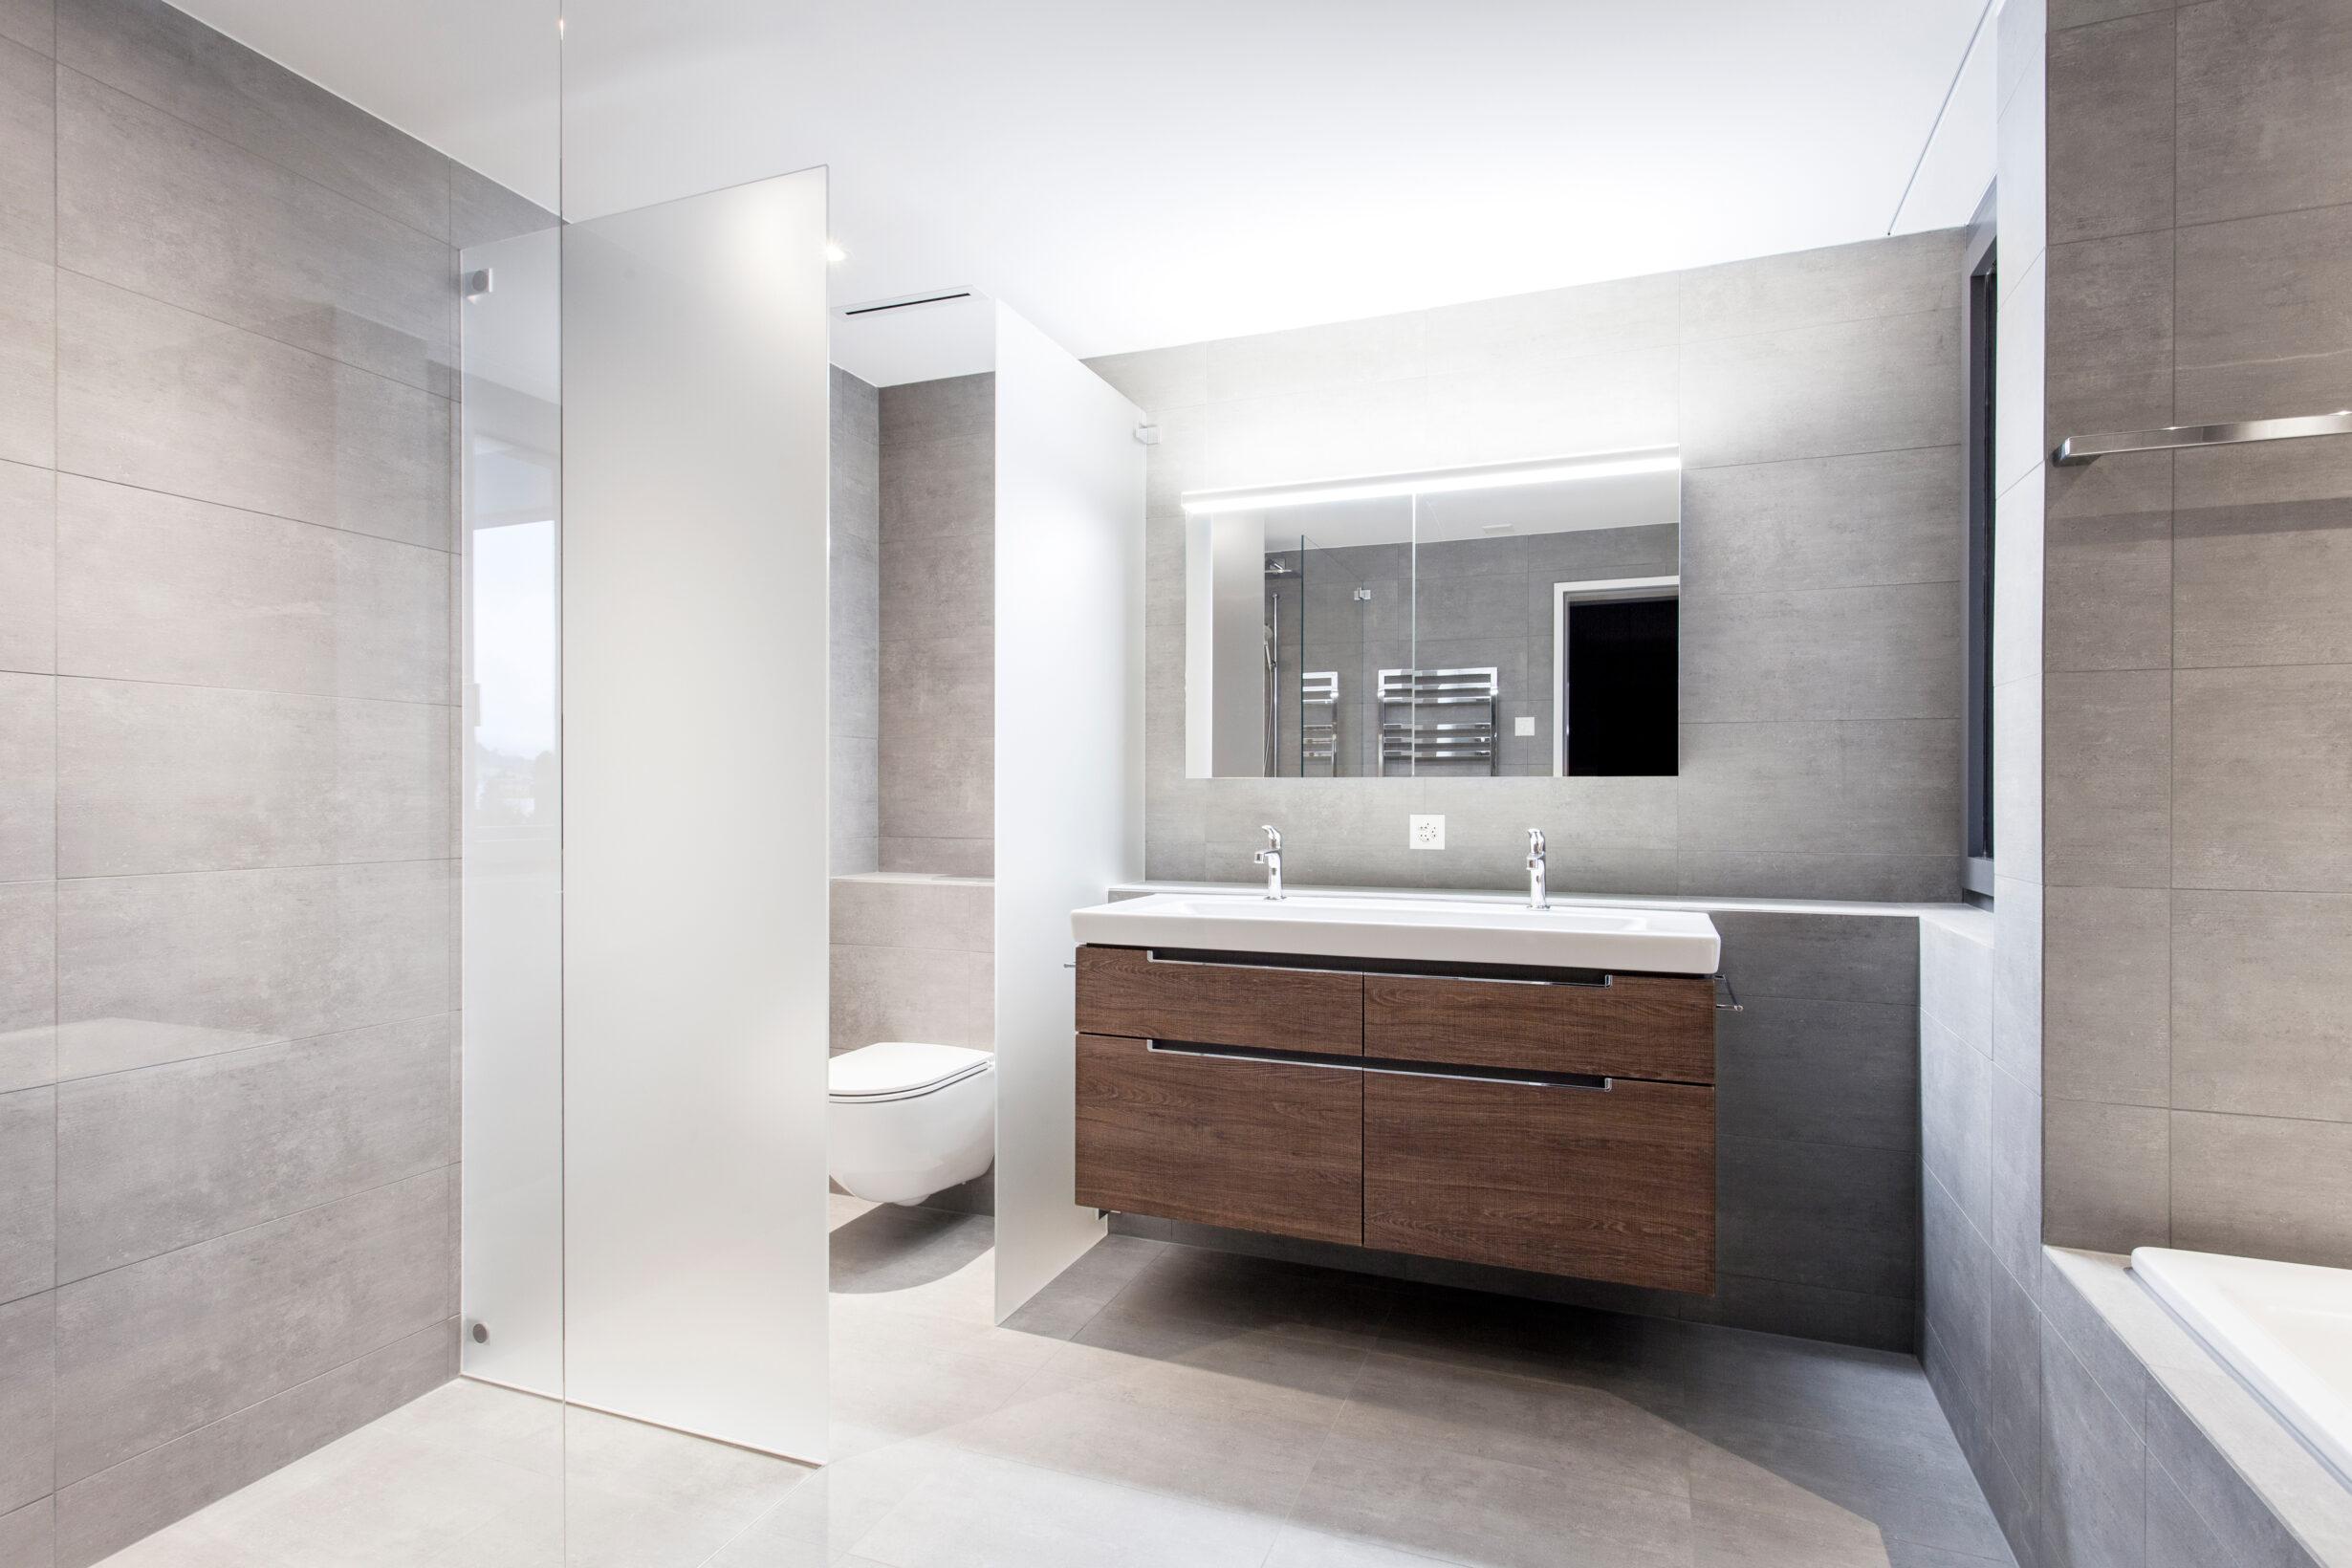 Wie viel kostet ein neues Badezimmer   Wirth Gebäudetechnik AG